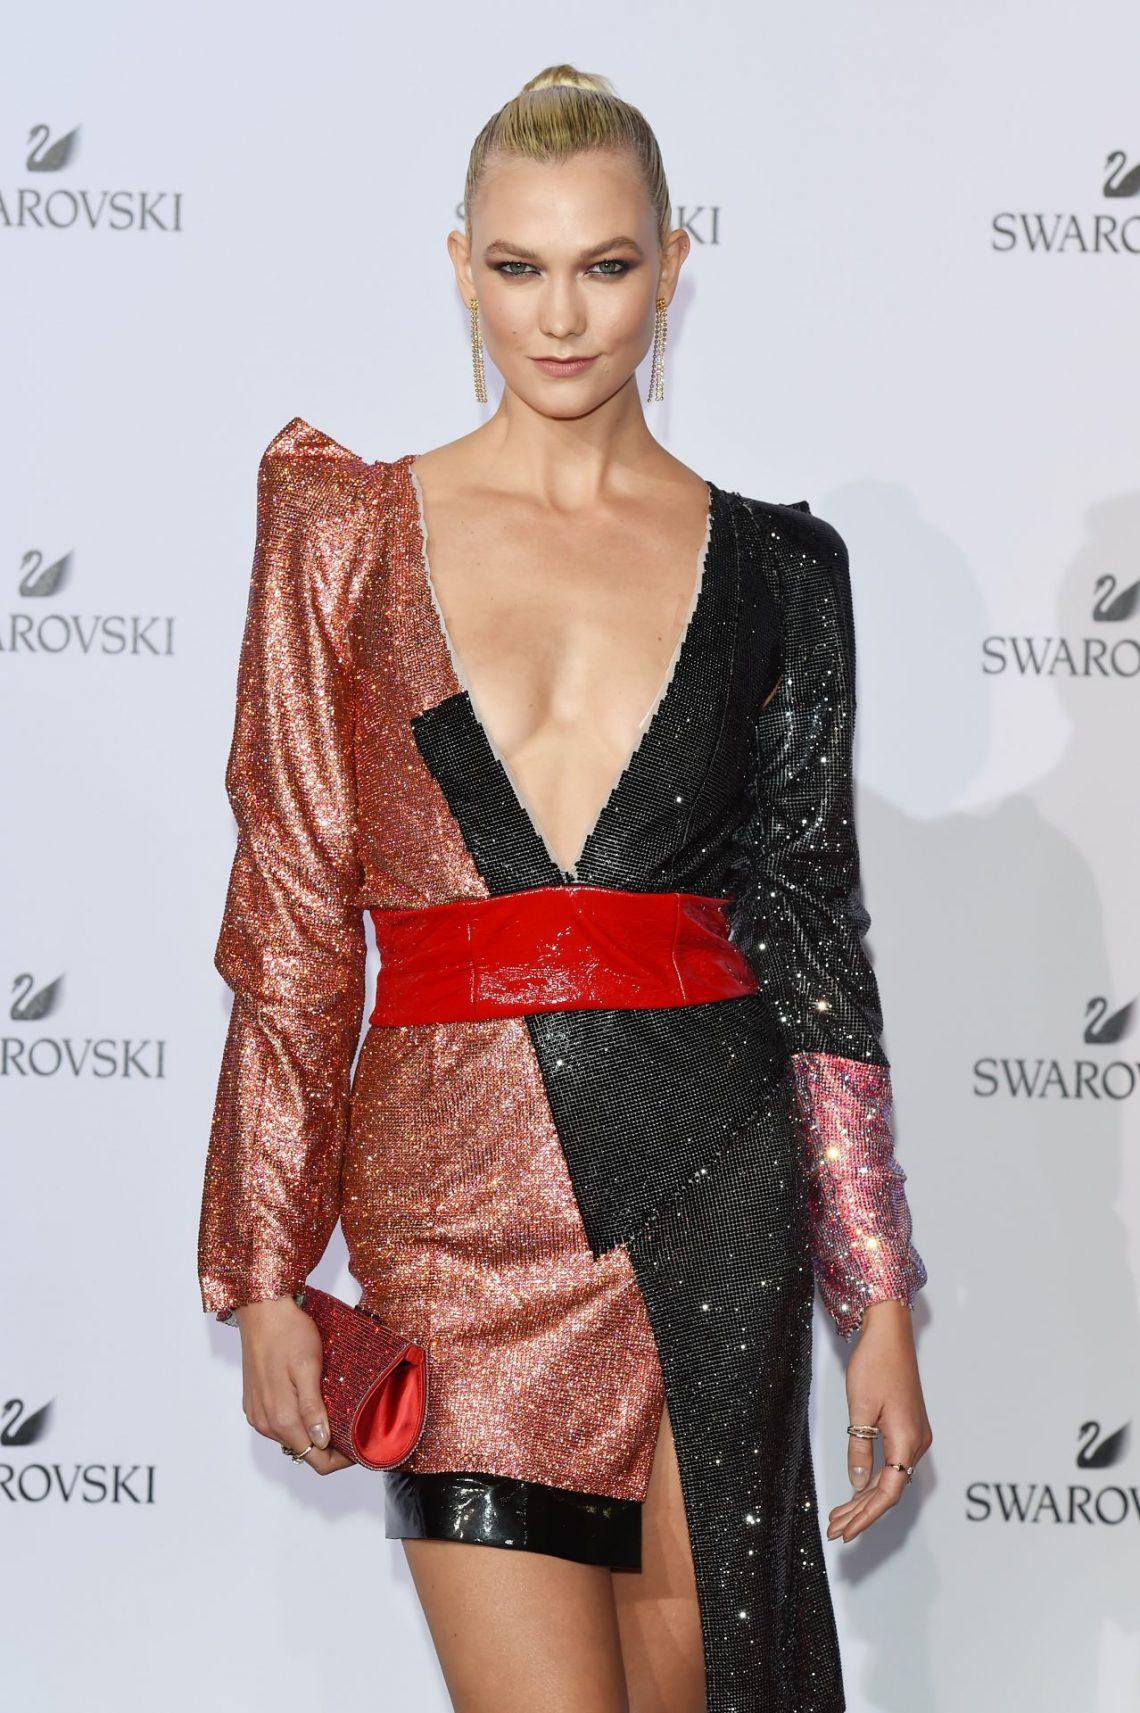 Karlie Kloss, Naomi Campbell o Alessandra Ambrosio celebran la Semana de la Moda de Milán en la gran fiesta de Swarovski